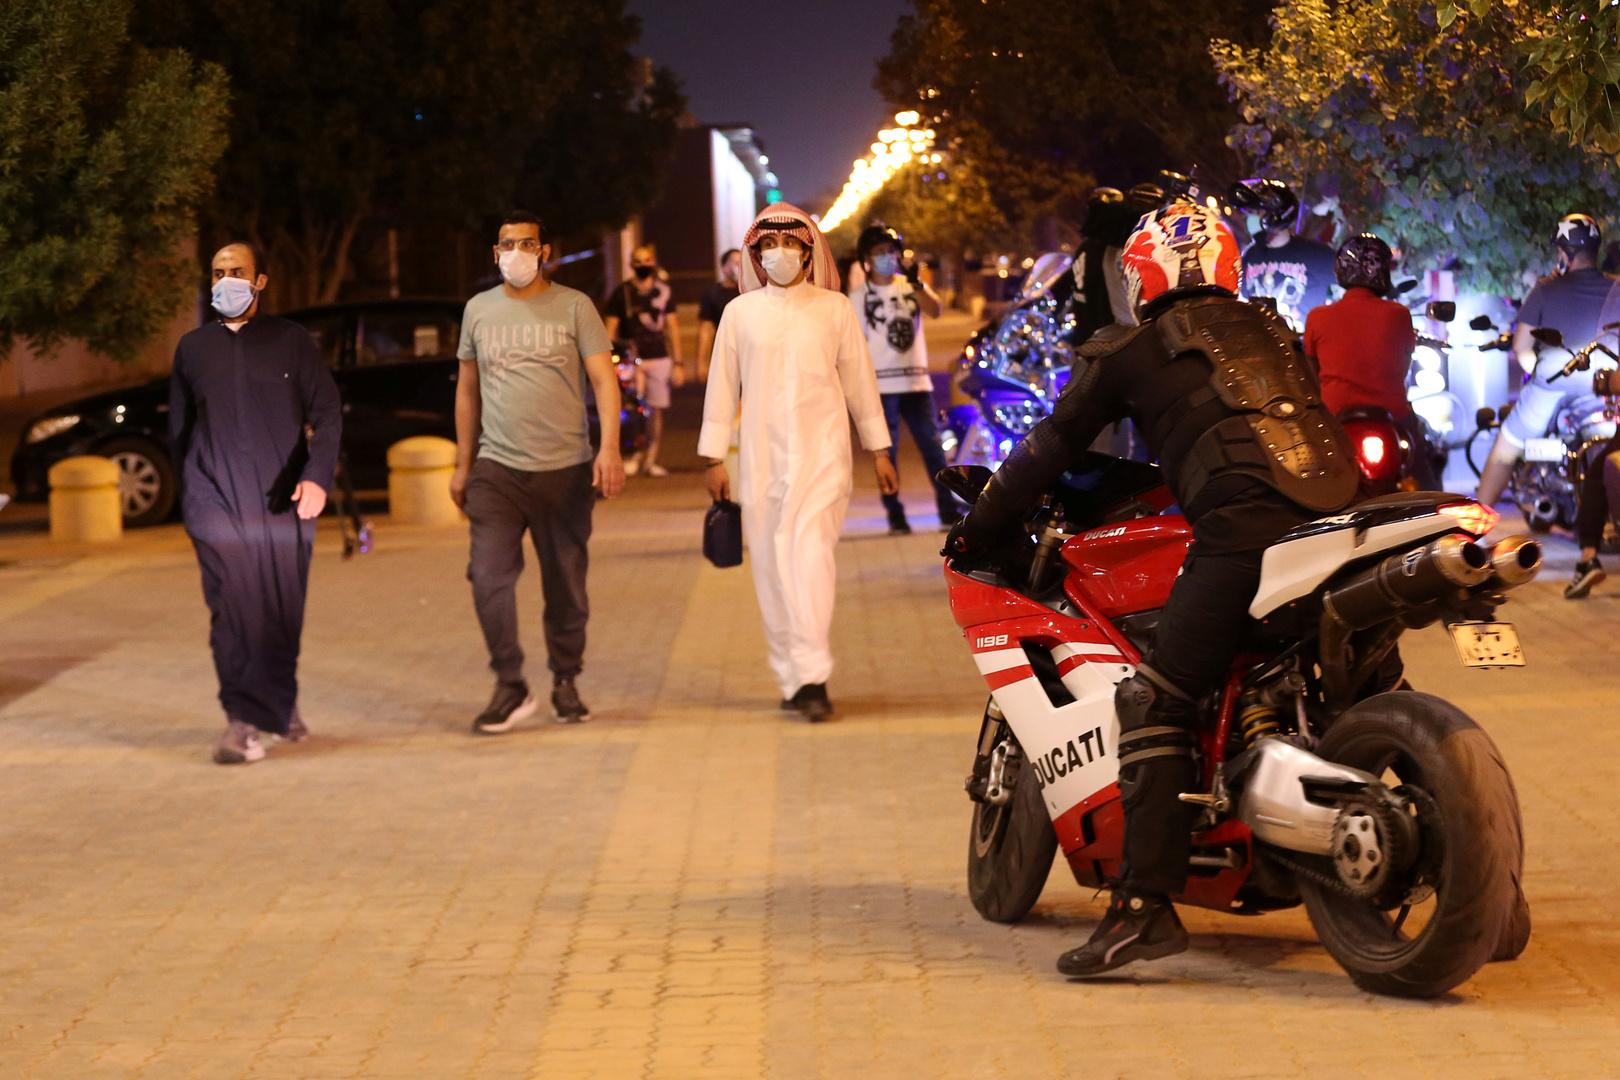 سعوديون في أحد شوارع العاصمة الرياض